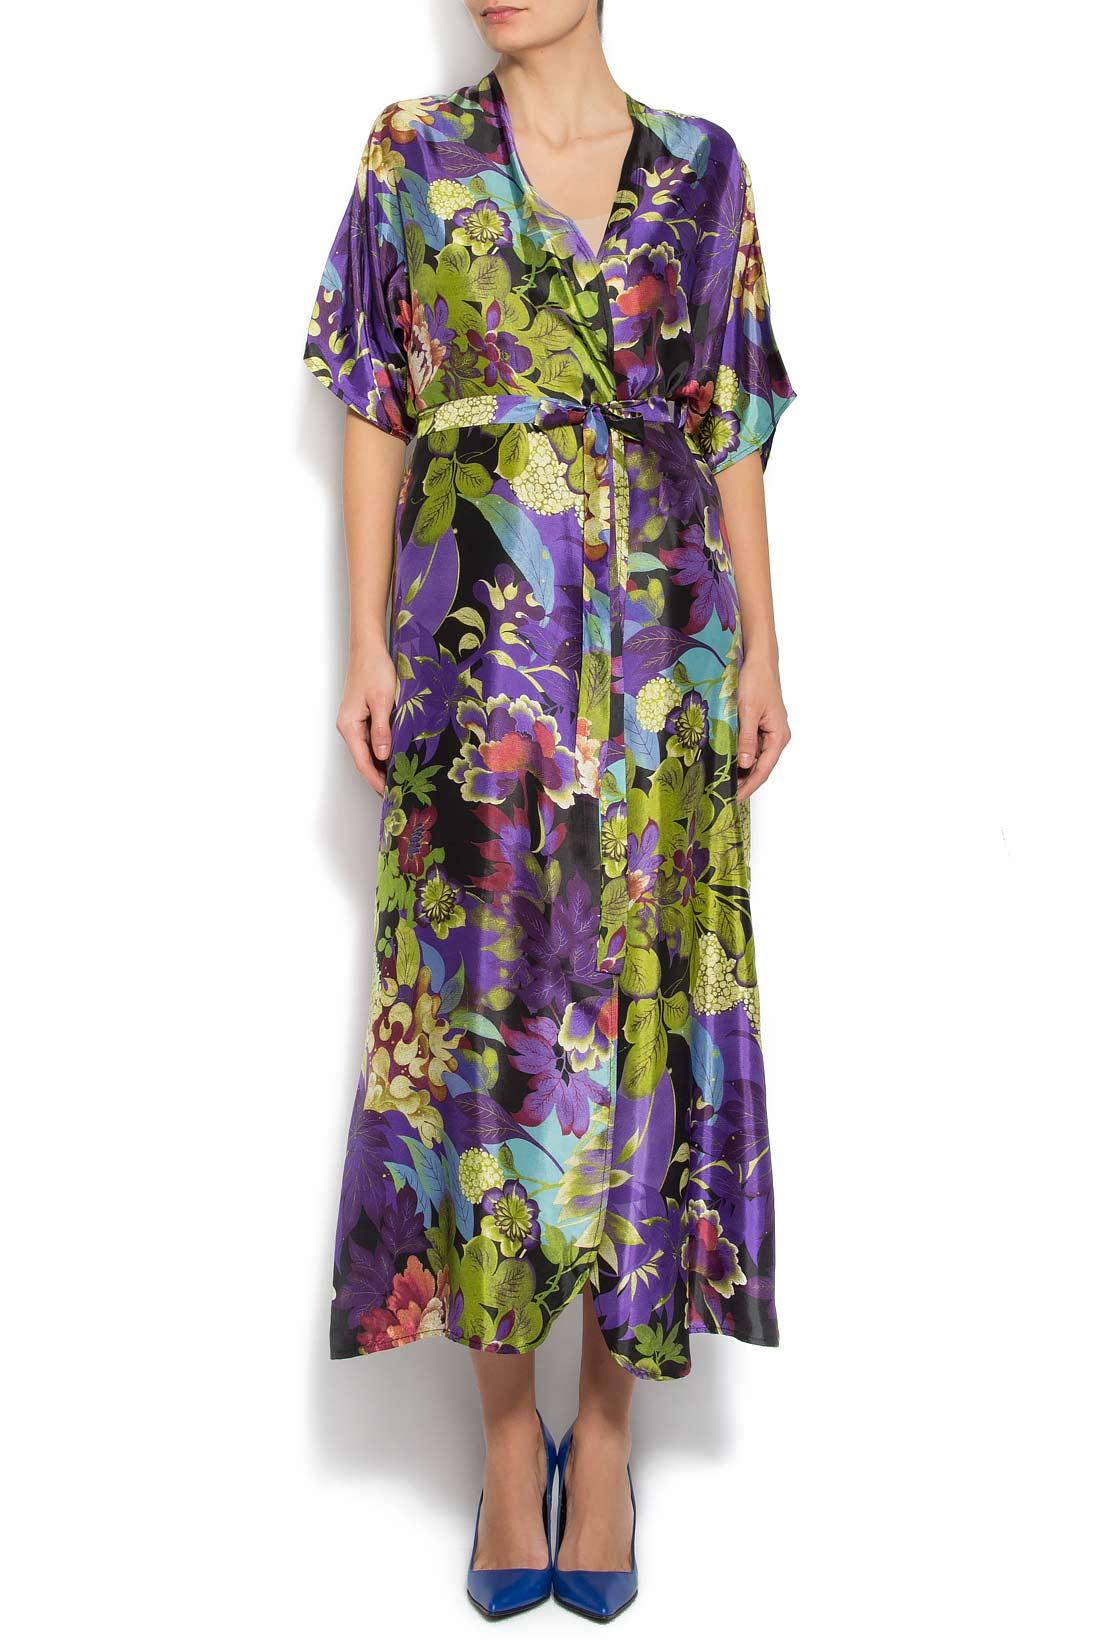 robe kimono en soie fleurie avec shorts robes longues robes sur mesure. Black Bedroom Furniture Sets. Home Design Ideas